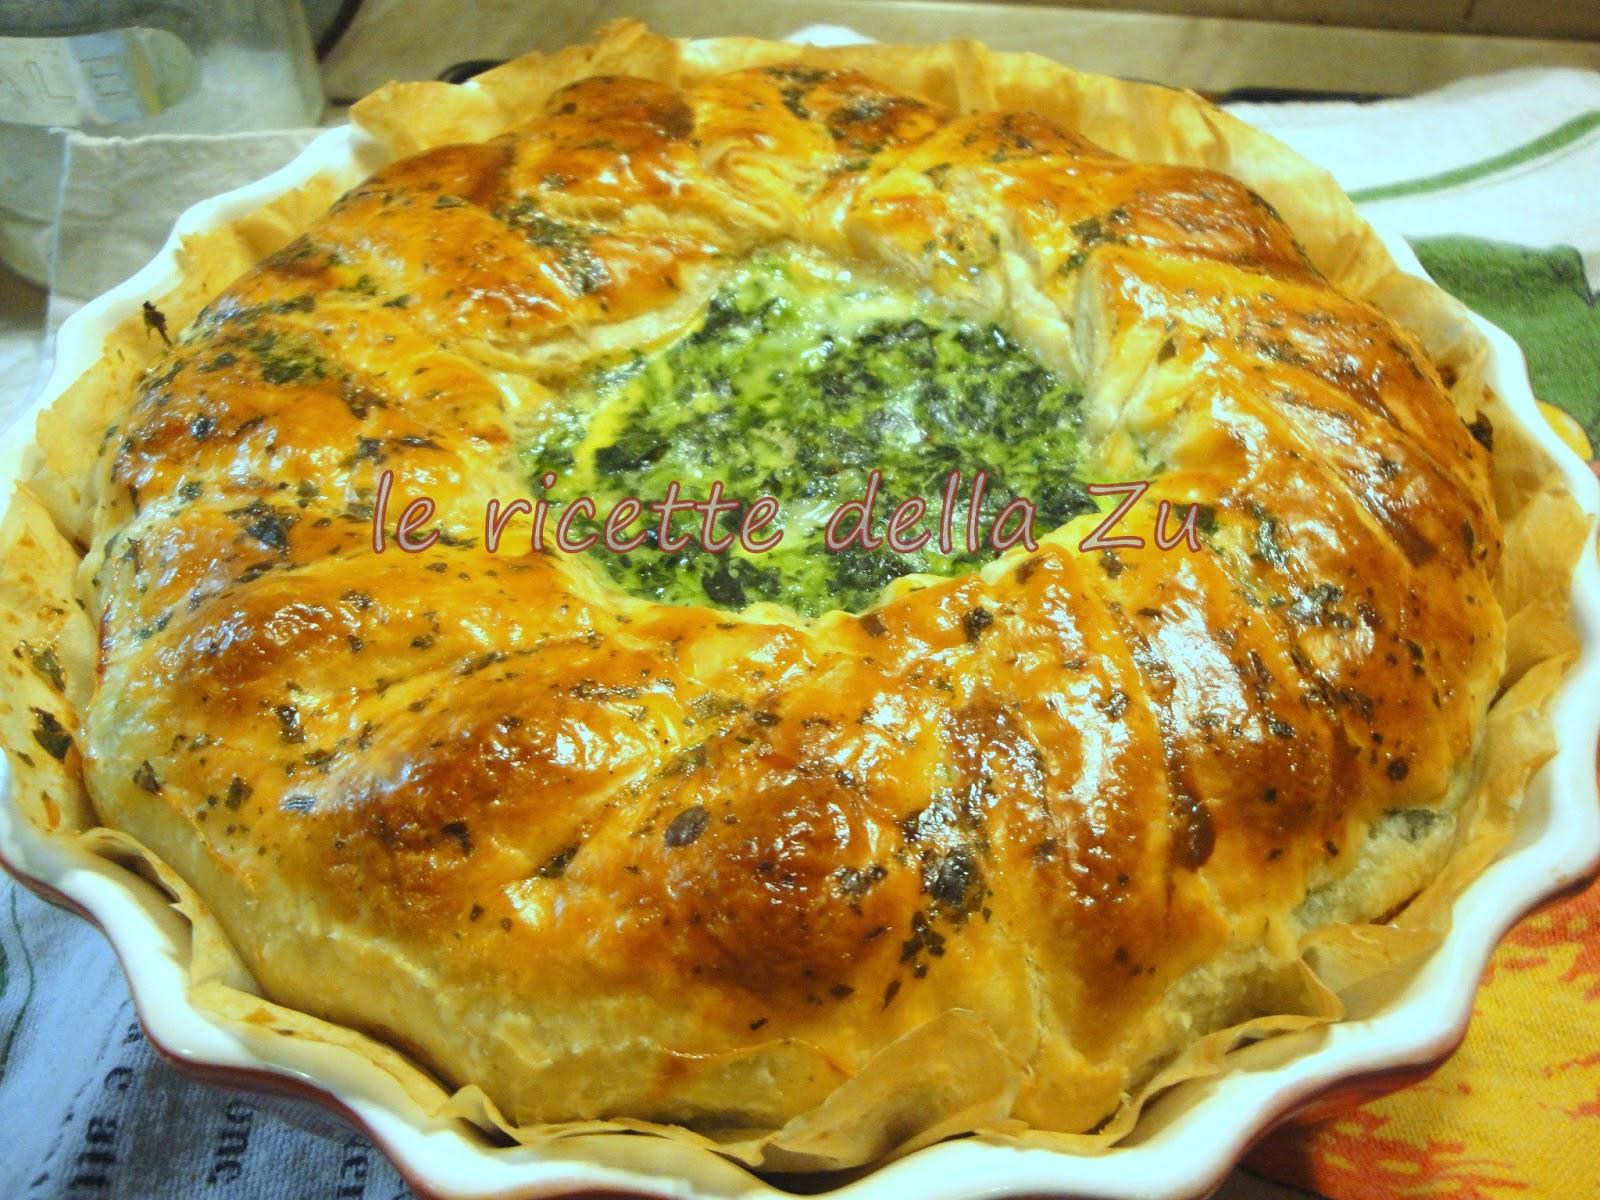 Le ricette della zu torta salata di sfoglia con spinaci for Torte salate con pasta sfoglia